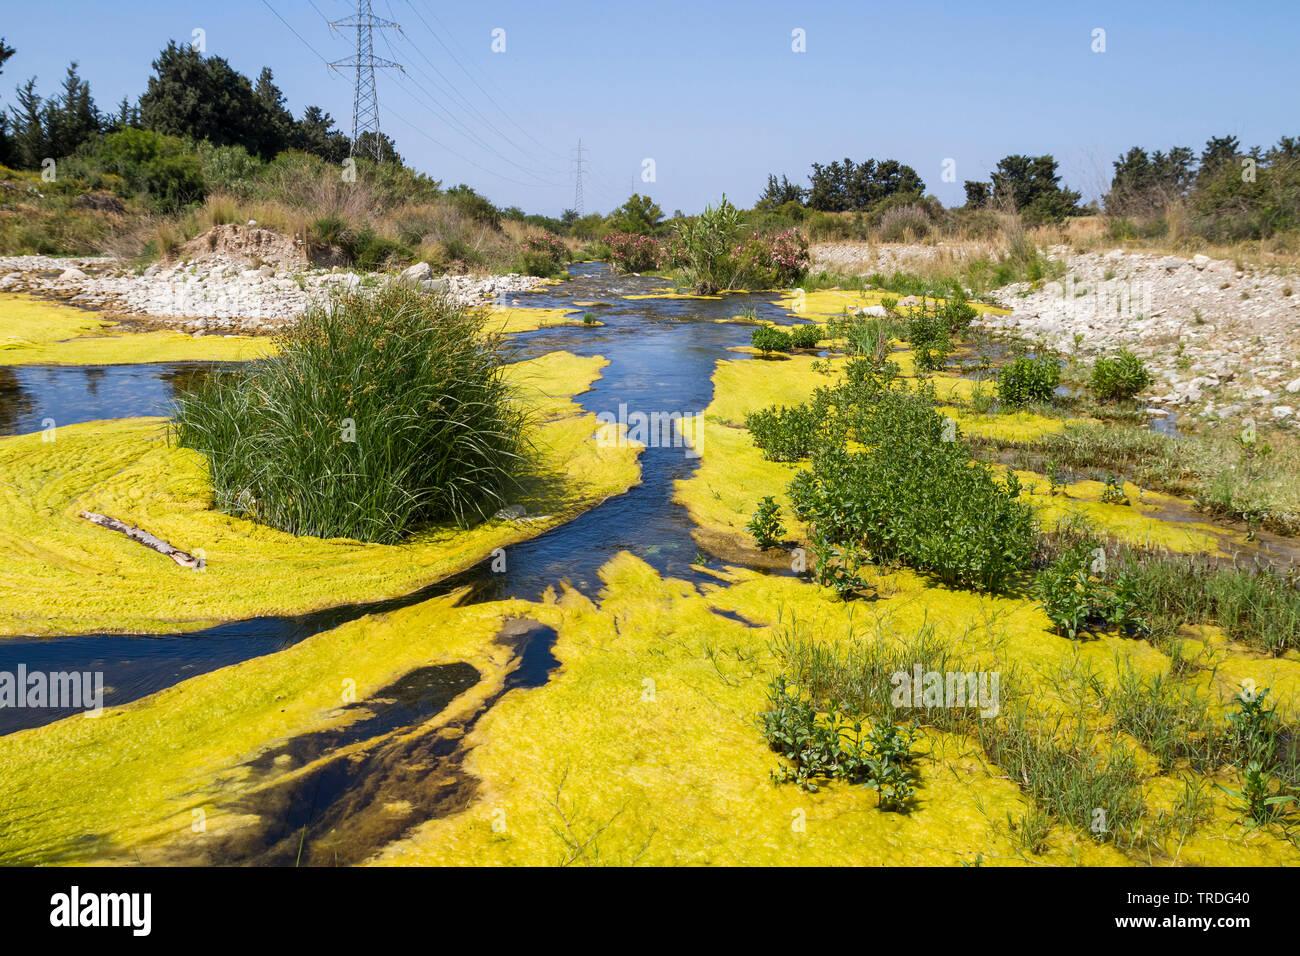 verschmutzter, mit Algen bewachsener Fluss, Zypern | eutrophic river on Cyprus, Cyprus | BLWS503041.jpg [ (c) blickwinkel/AGAMI/R. Martin Tel. +49 (0) Stock Photo